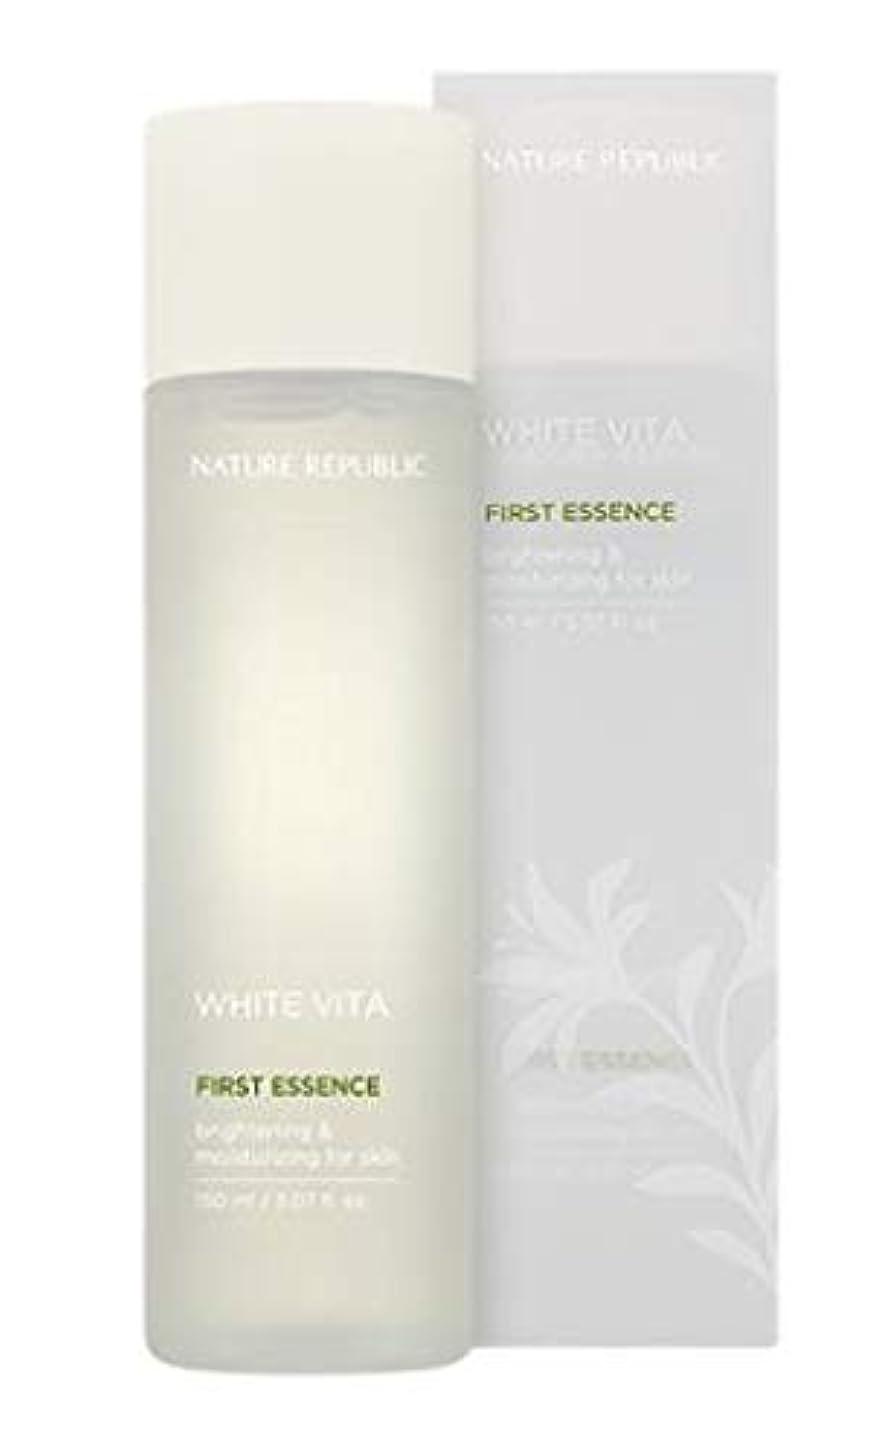 なんとなく生き物投票NATURE REPUBLIC White Vita First Essence ネイチャーリパブリック ホワイトビタファーストエッセンス [並行輸入品]